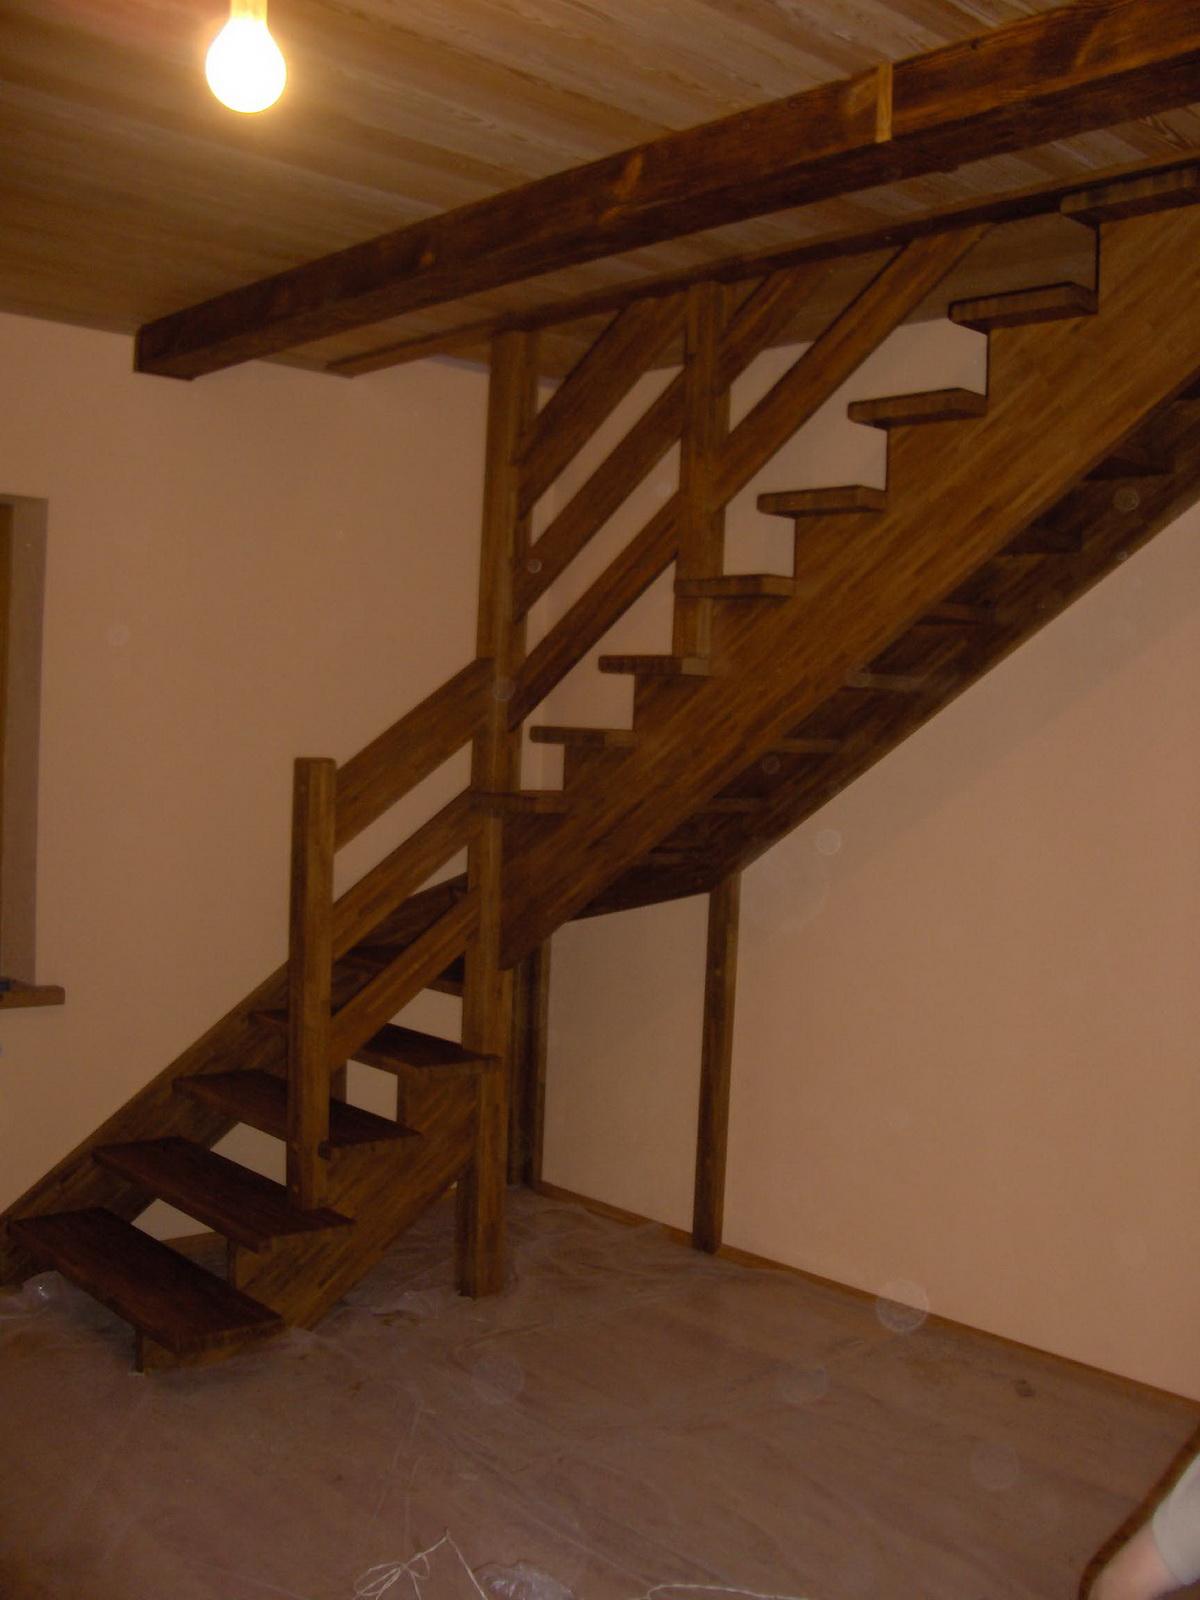 Межэтажные лестницы своими руками: как сделать самому (инструкция, фото.) 34